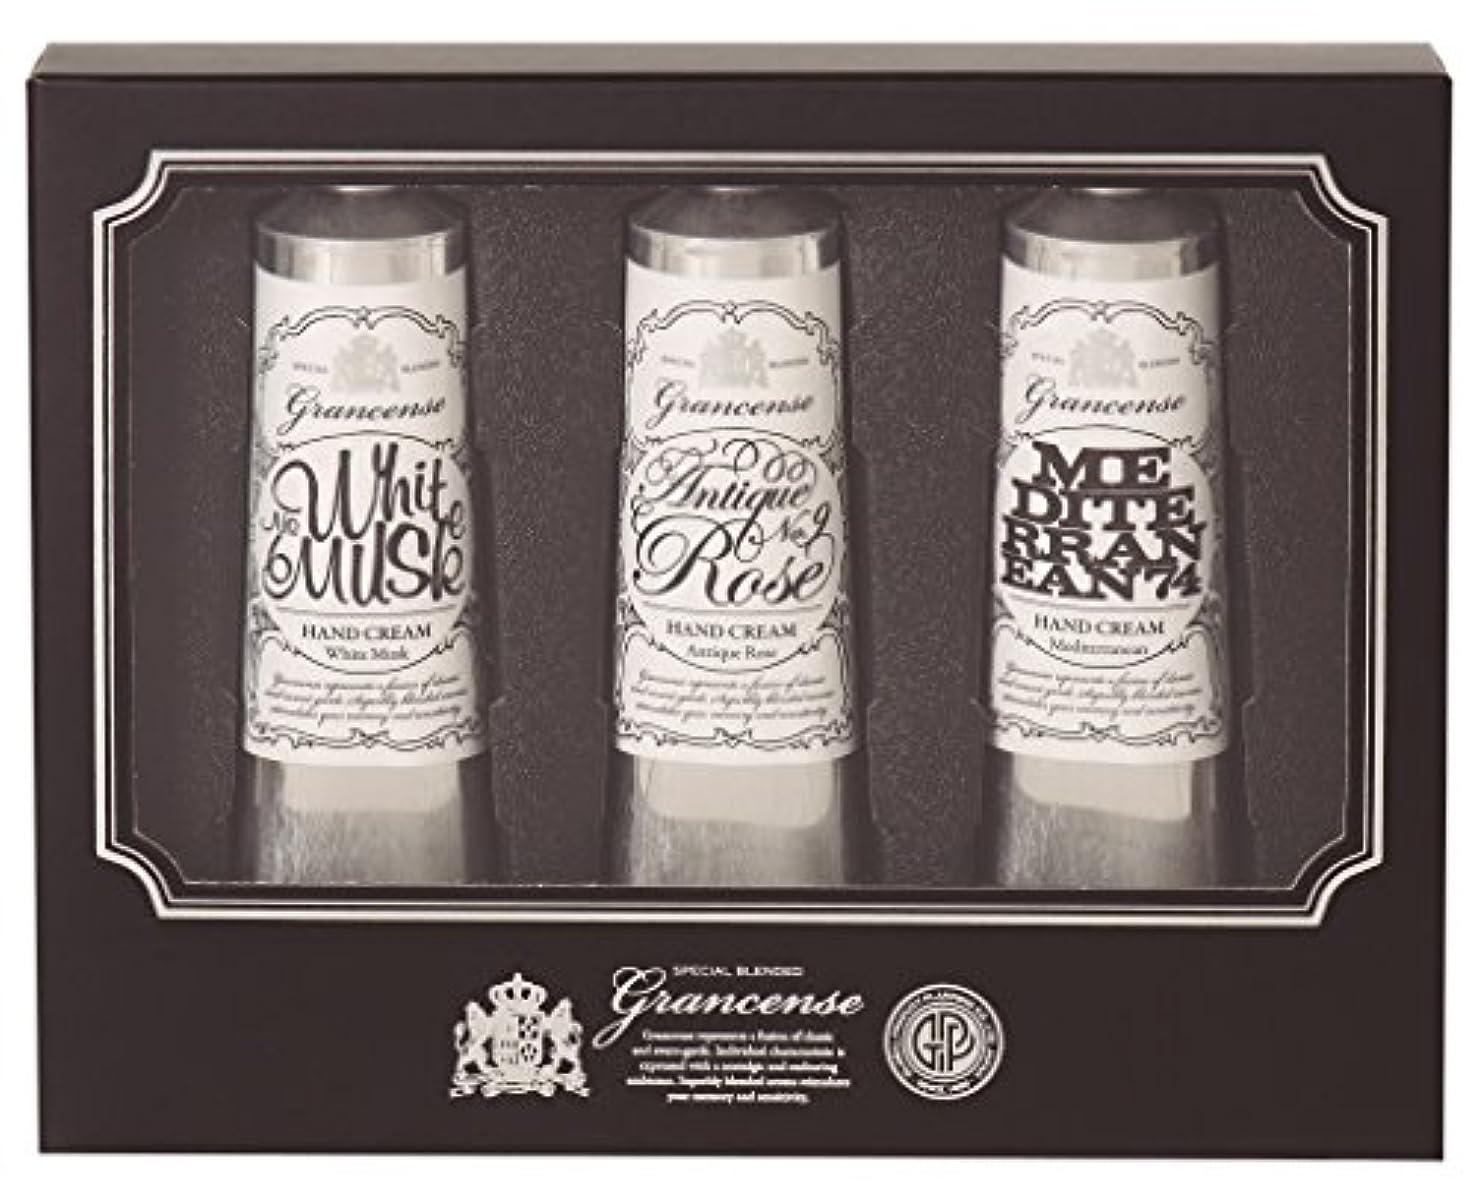 用語集特許公爵グランセンス ハンドクリーム 40g×3個セット(手肌用保湿 シアバター配合 日本製 贈答品 箱入り ホワイトムスク&アンティークローズ&メディテレーニアン)